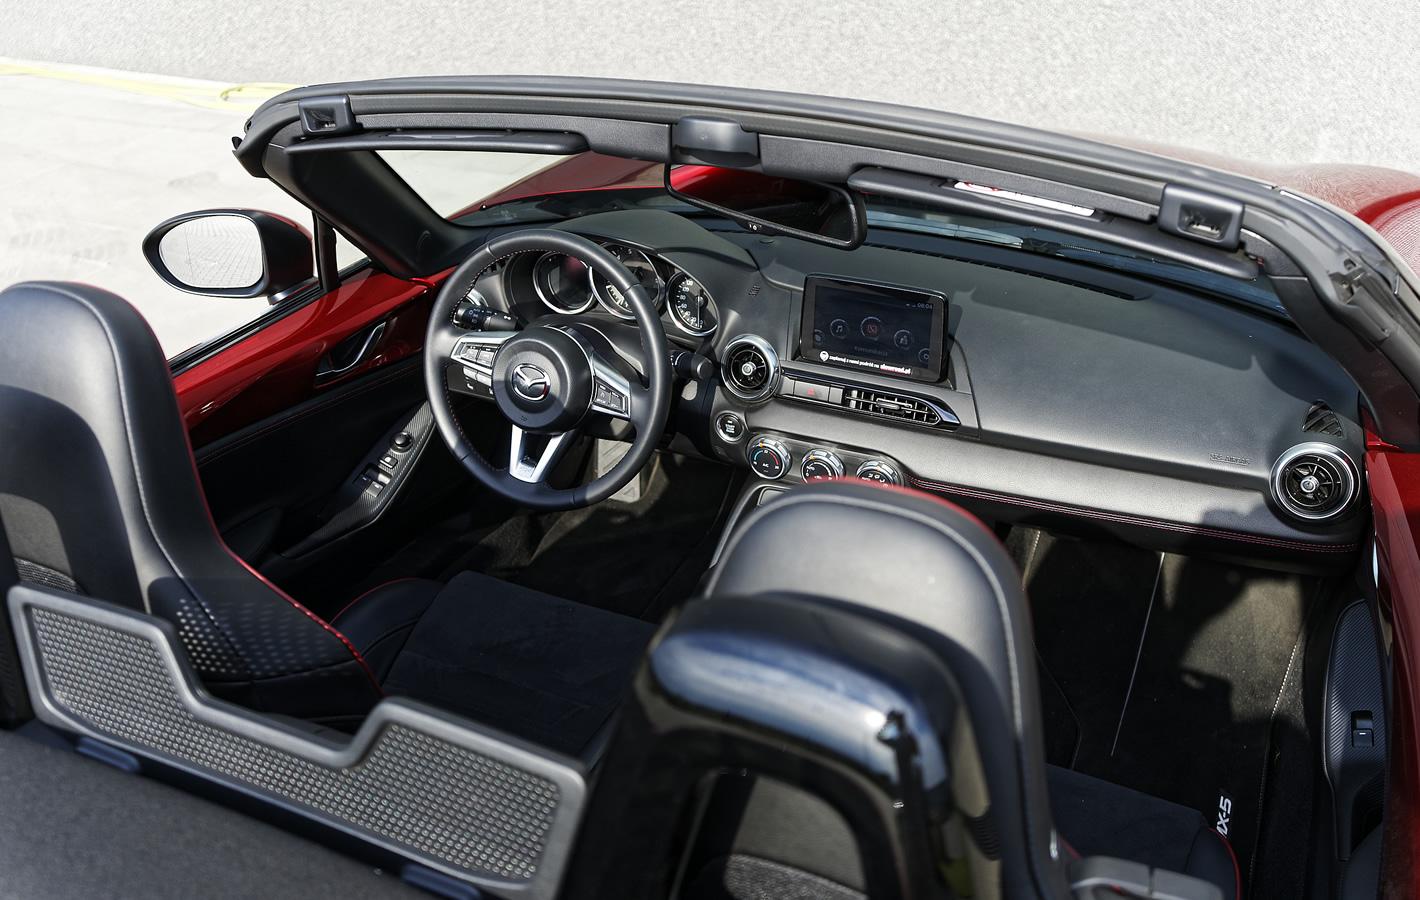 Mazda MX-5 2.0 SKY-G 2018 w środku